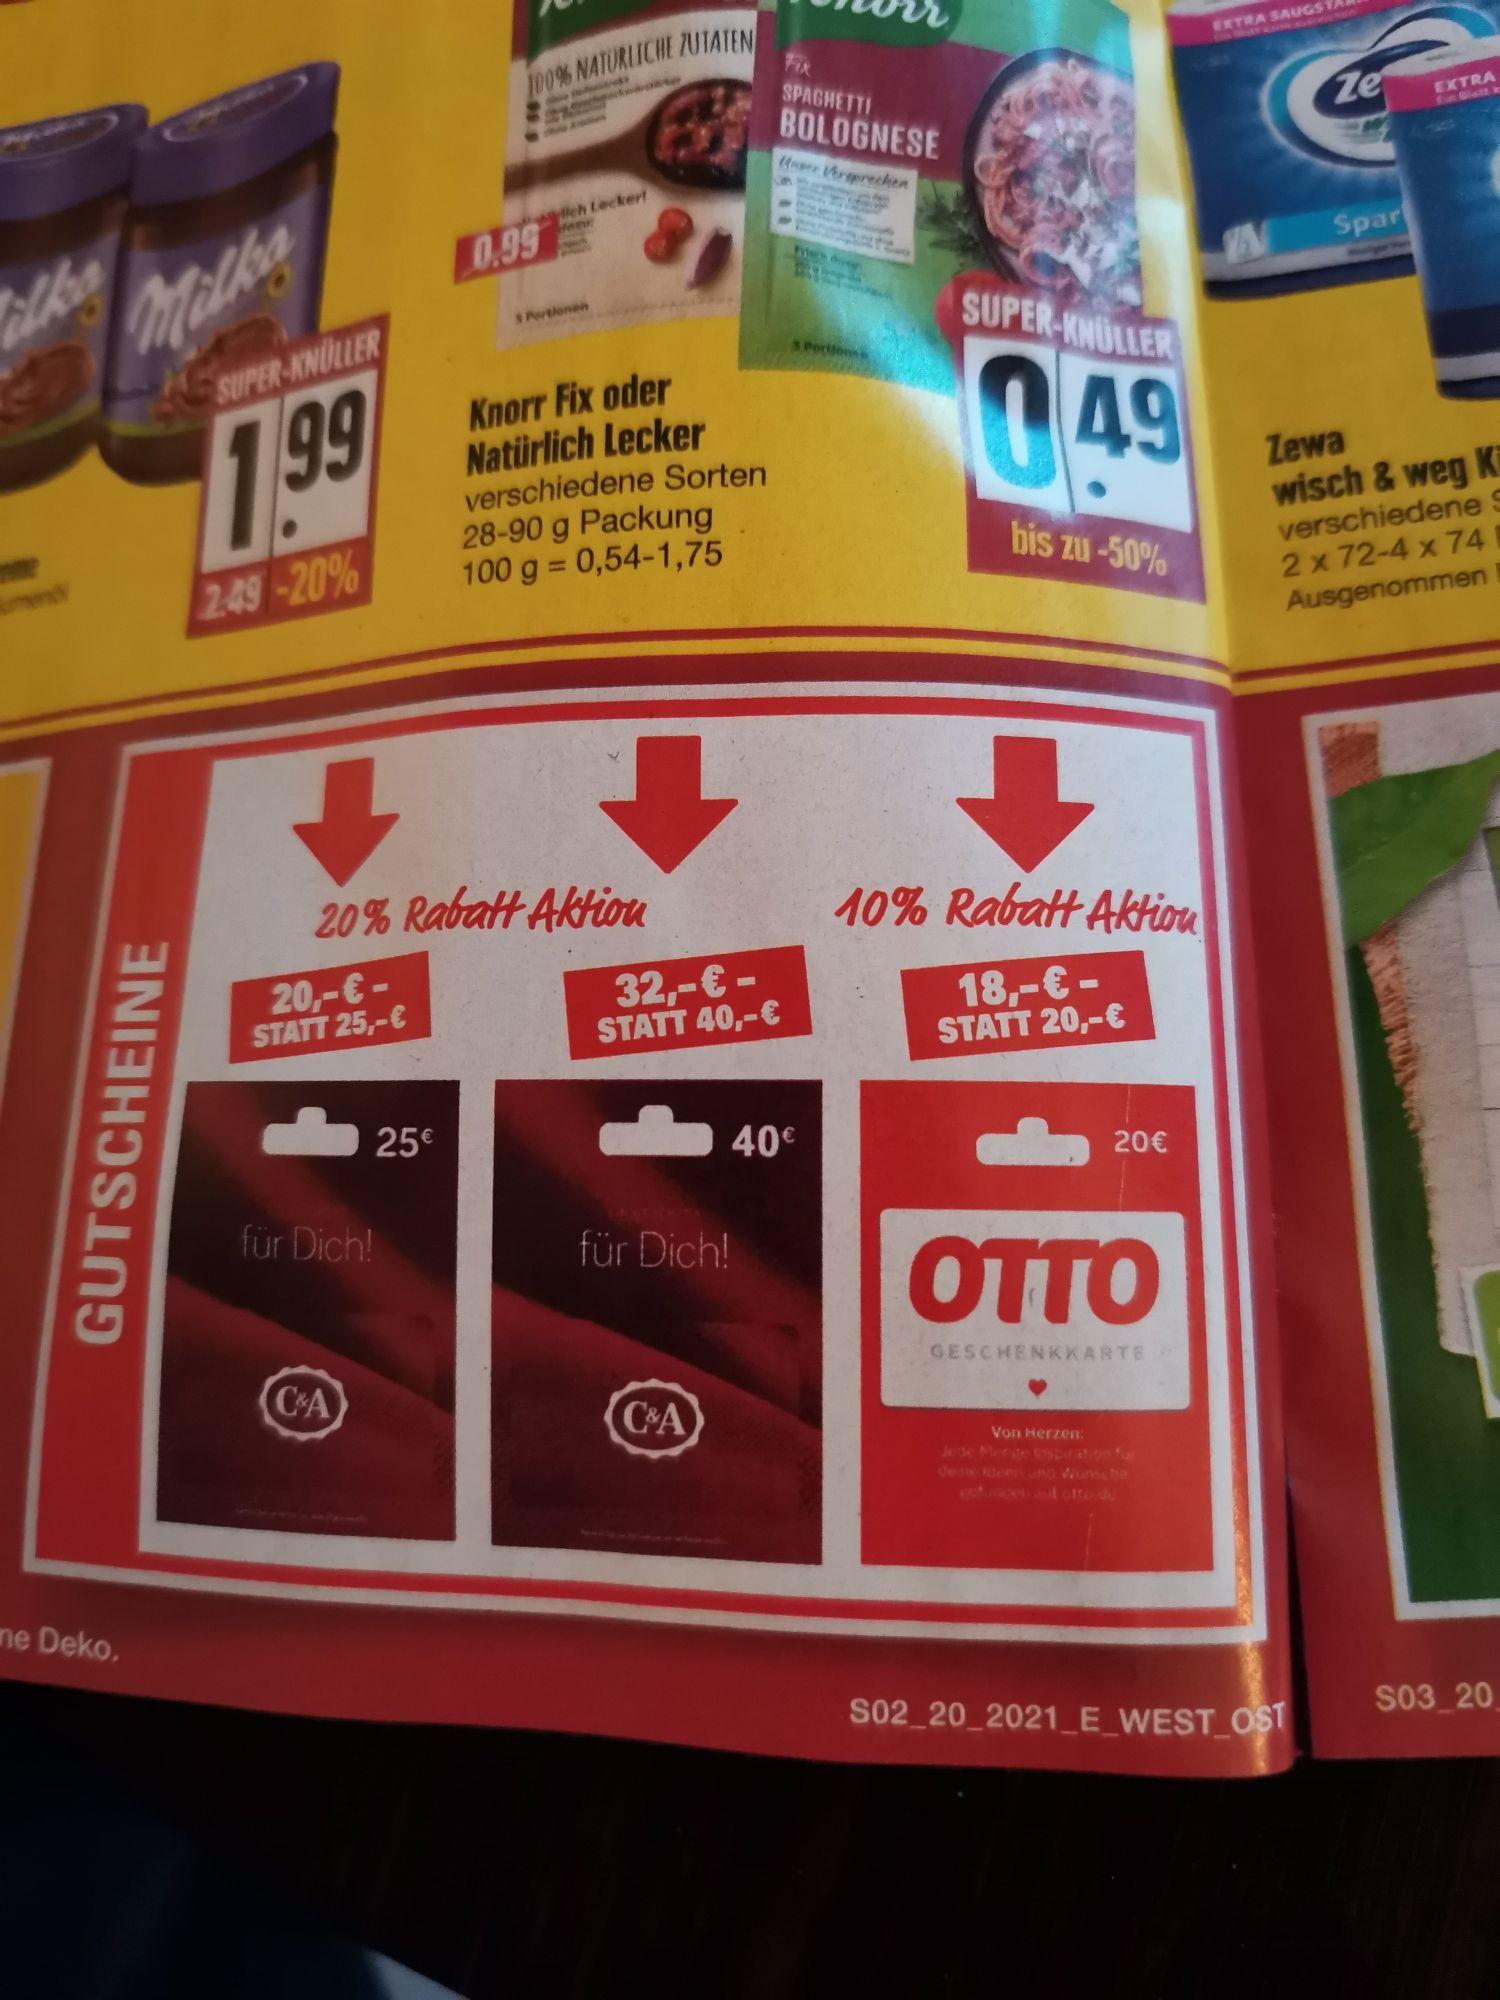 [Edeka-Regional Nordbayern] - 10% Otto Geschenkkarte für 18€ statt 20€. Auch C&A